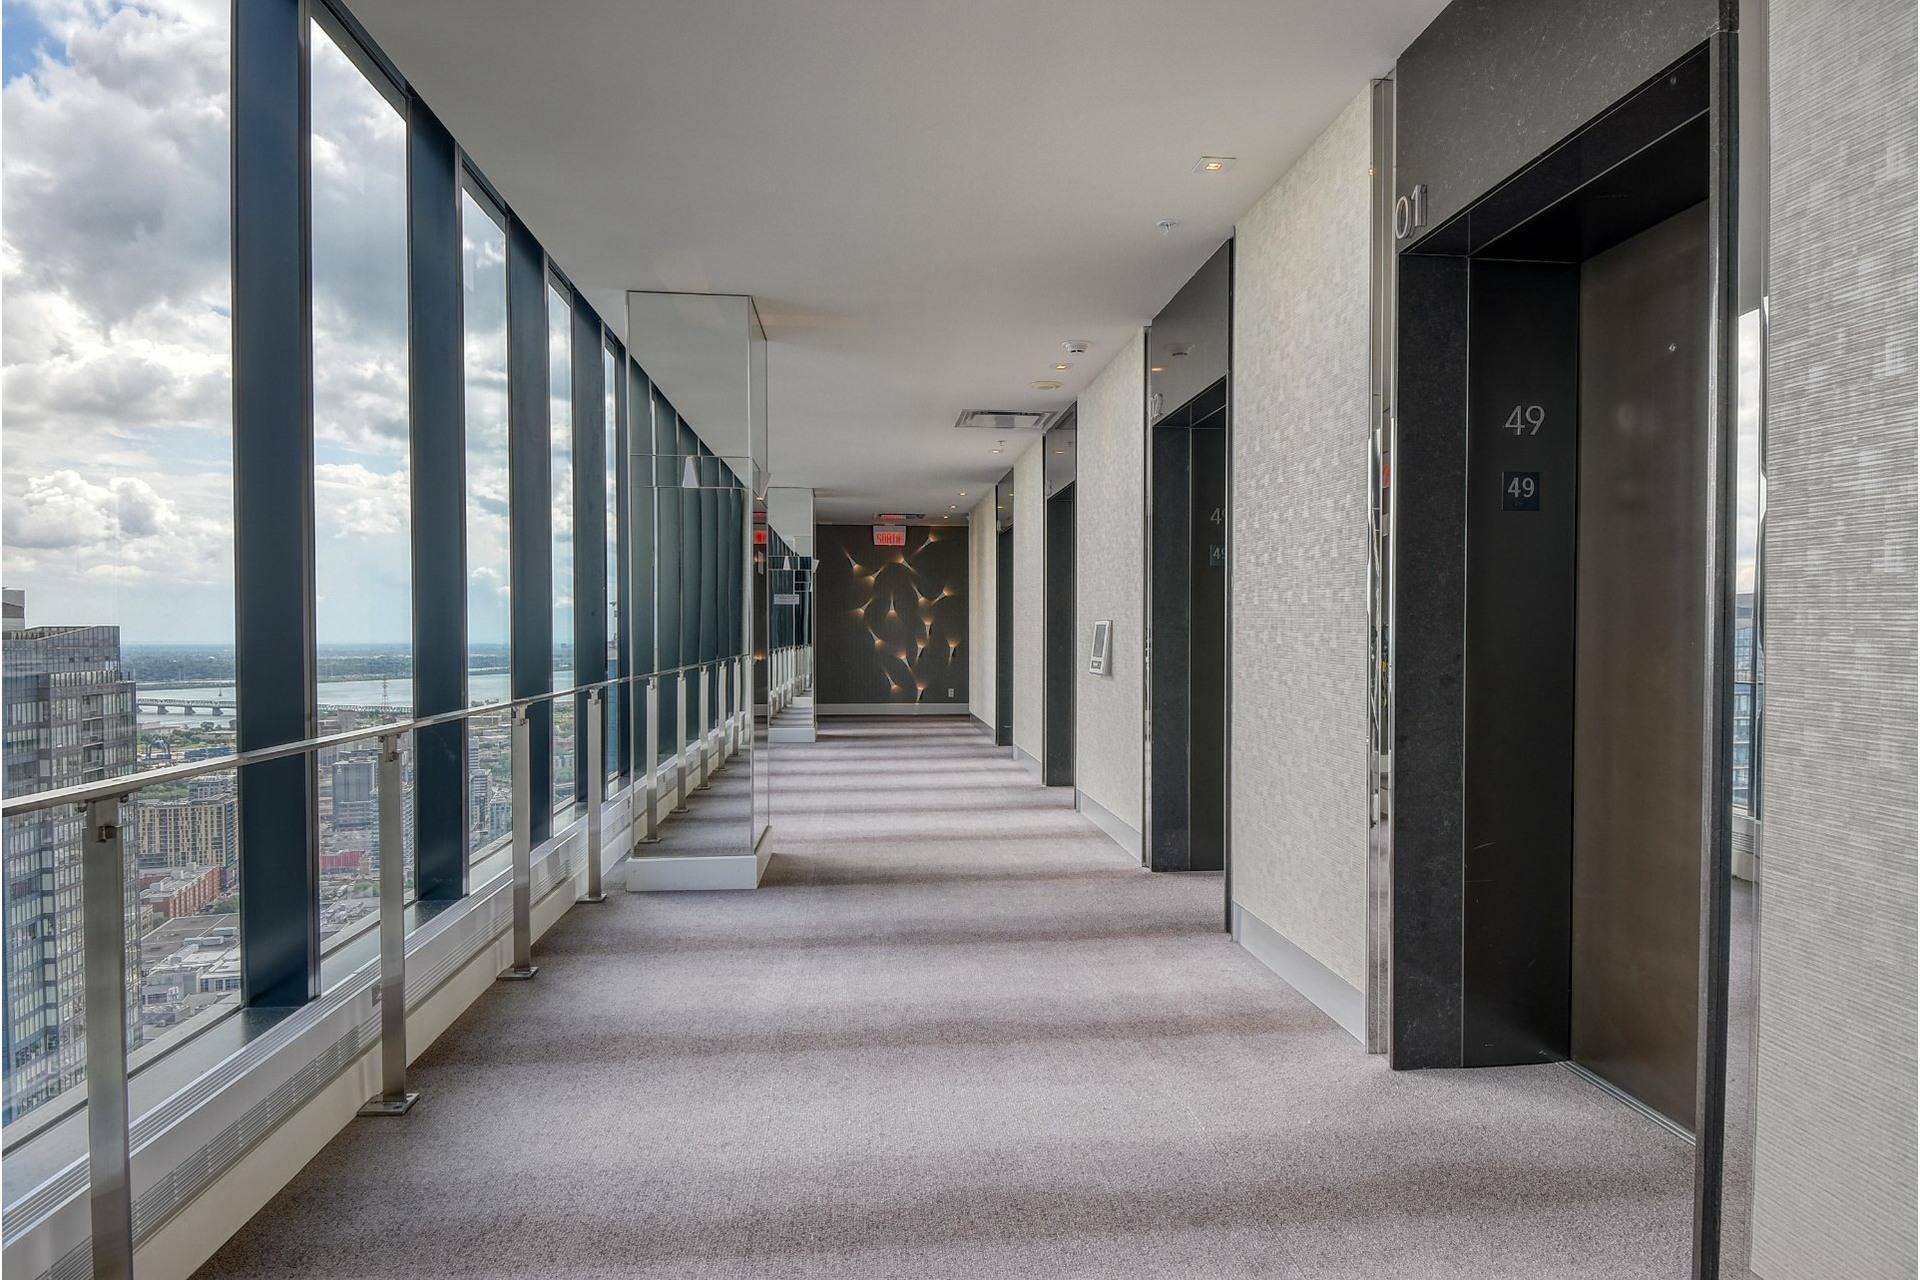 image 24 - Appartement À louer Ville-Marie Montréal  - 6 pièces